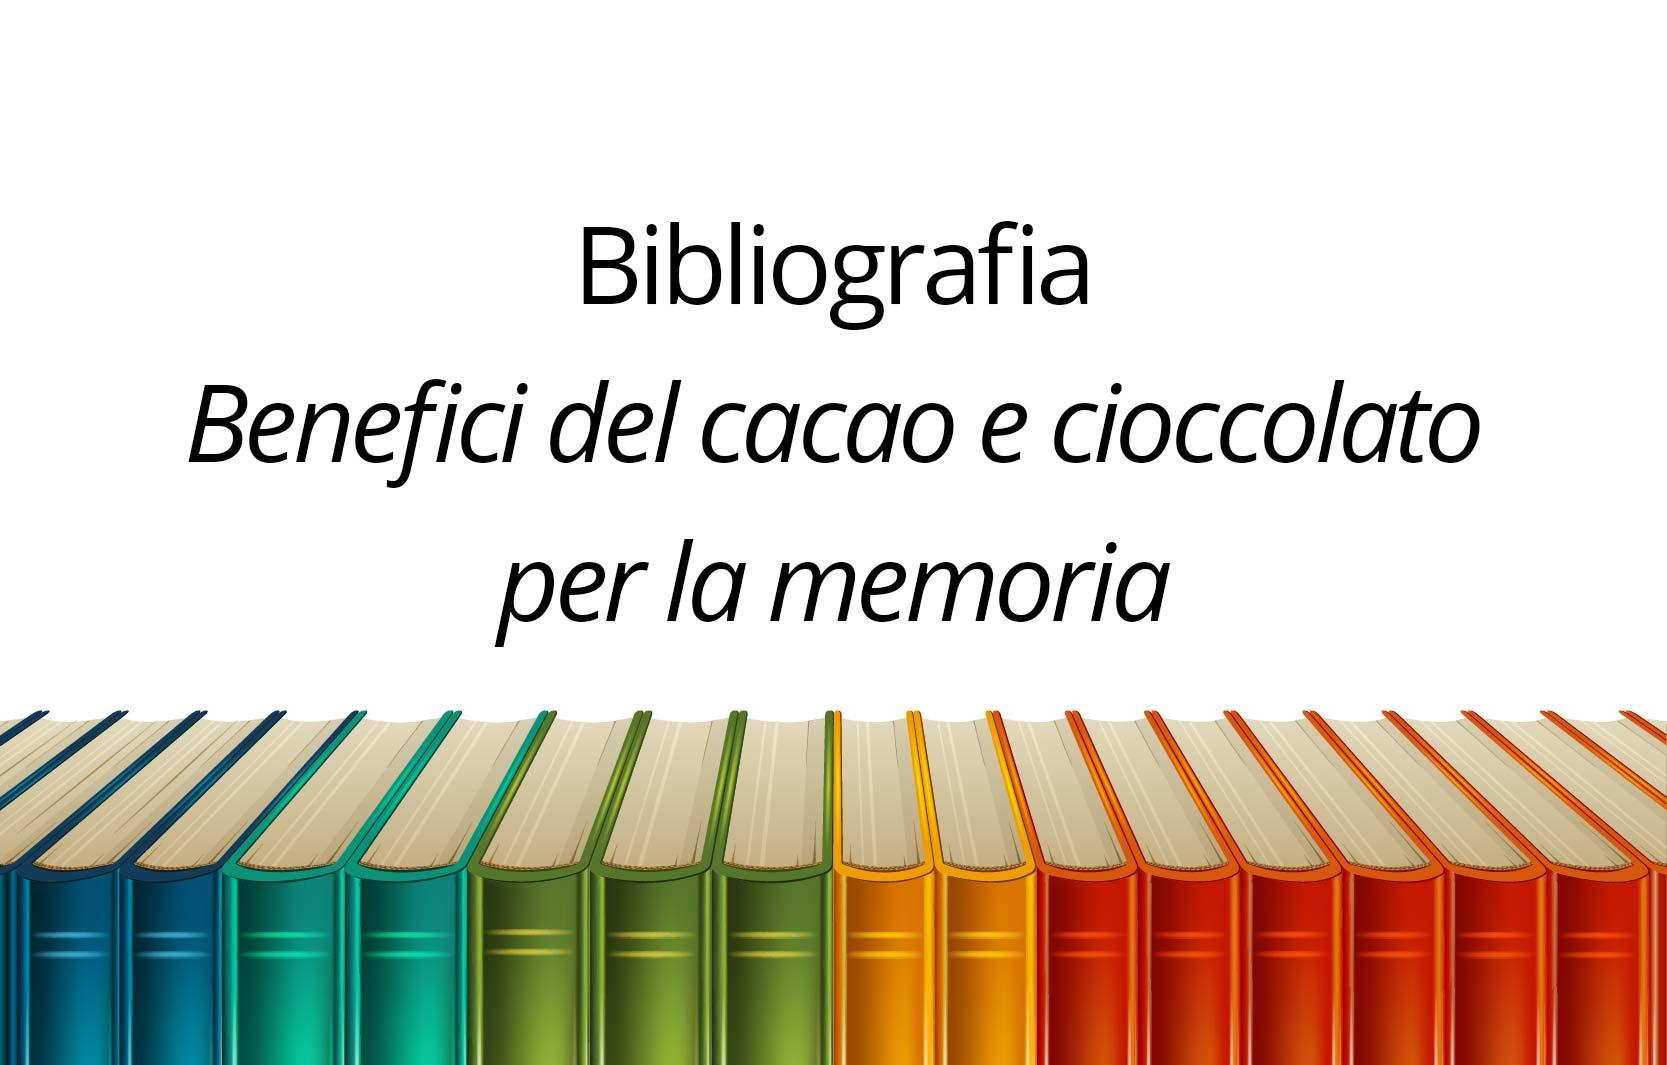 Bibliografia Cacao